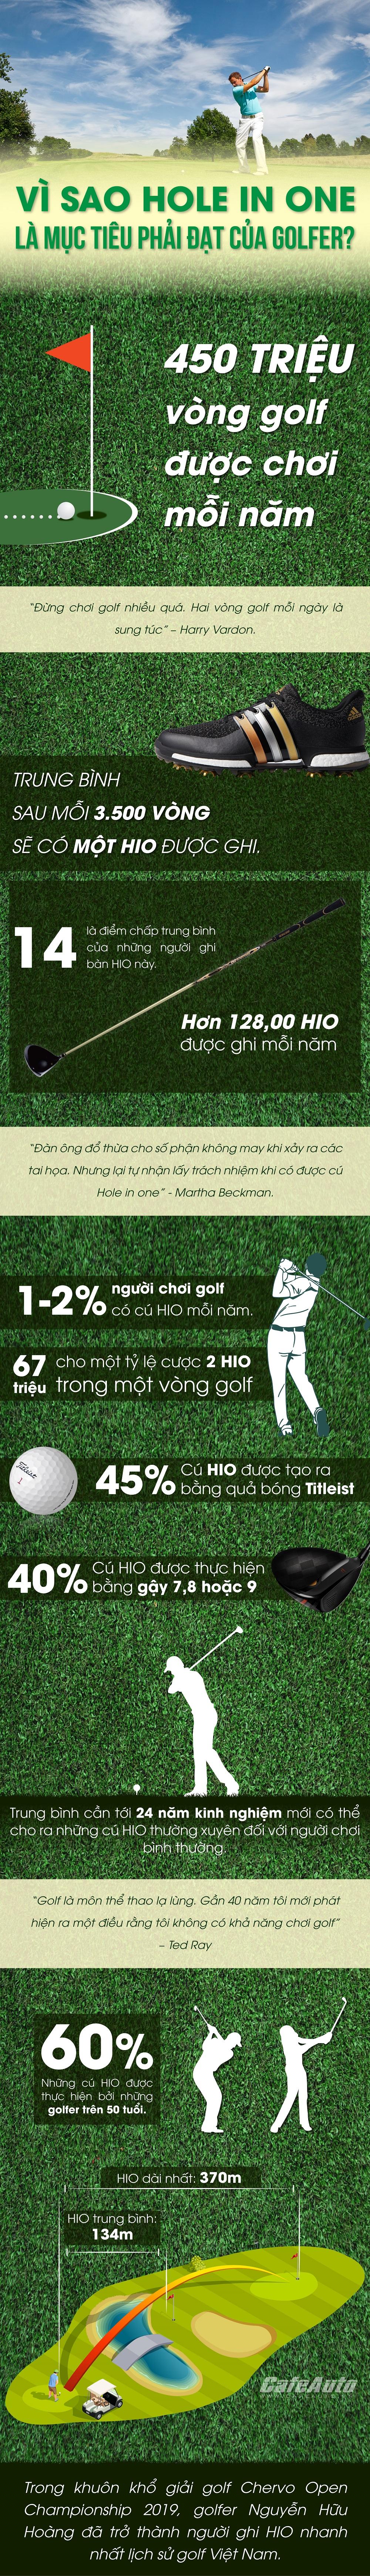 vi-sao-hole-in-one-la-mot-muc-tieu-phai-dat-cua-golfer